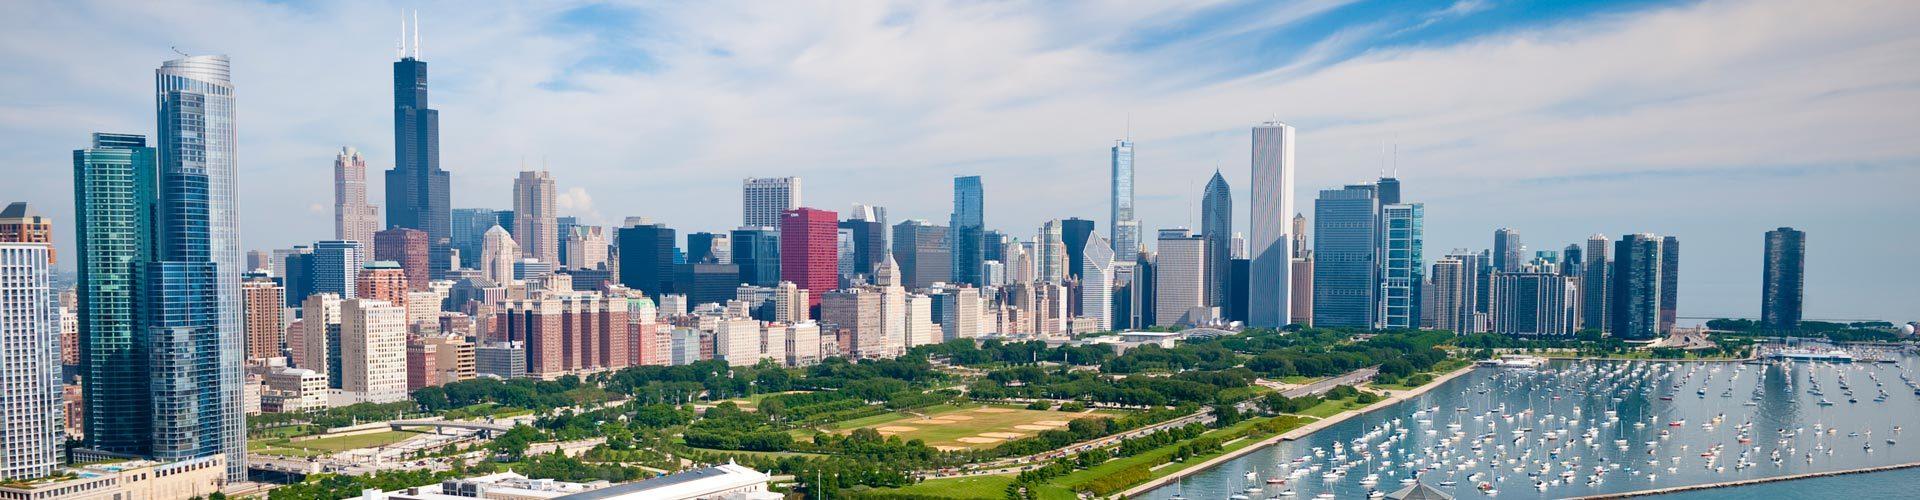 Die Skyline von Chicago am Lake Michigan